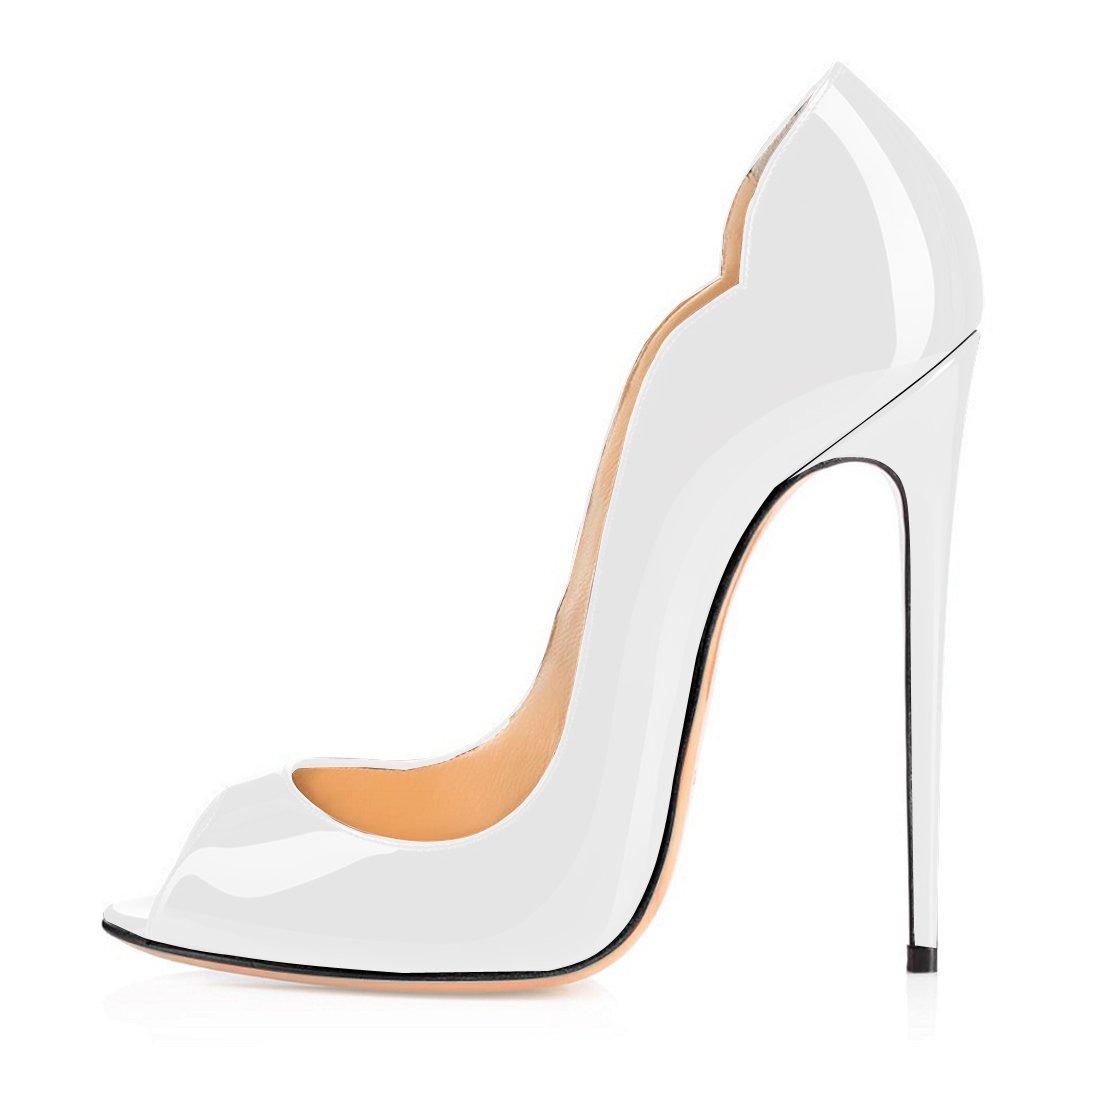 Soireelady - Zapatos con tacón Mujer 36 EU Blass